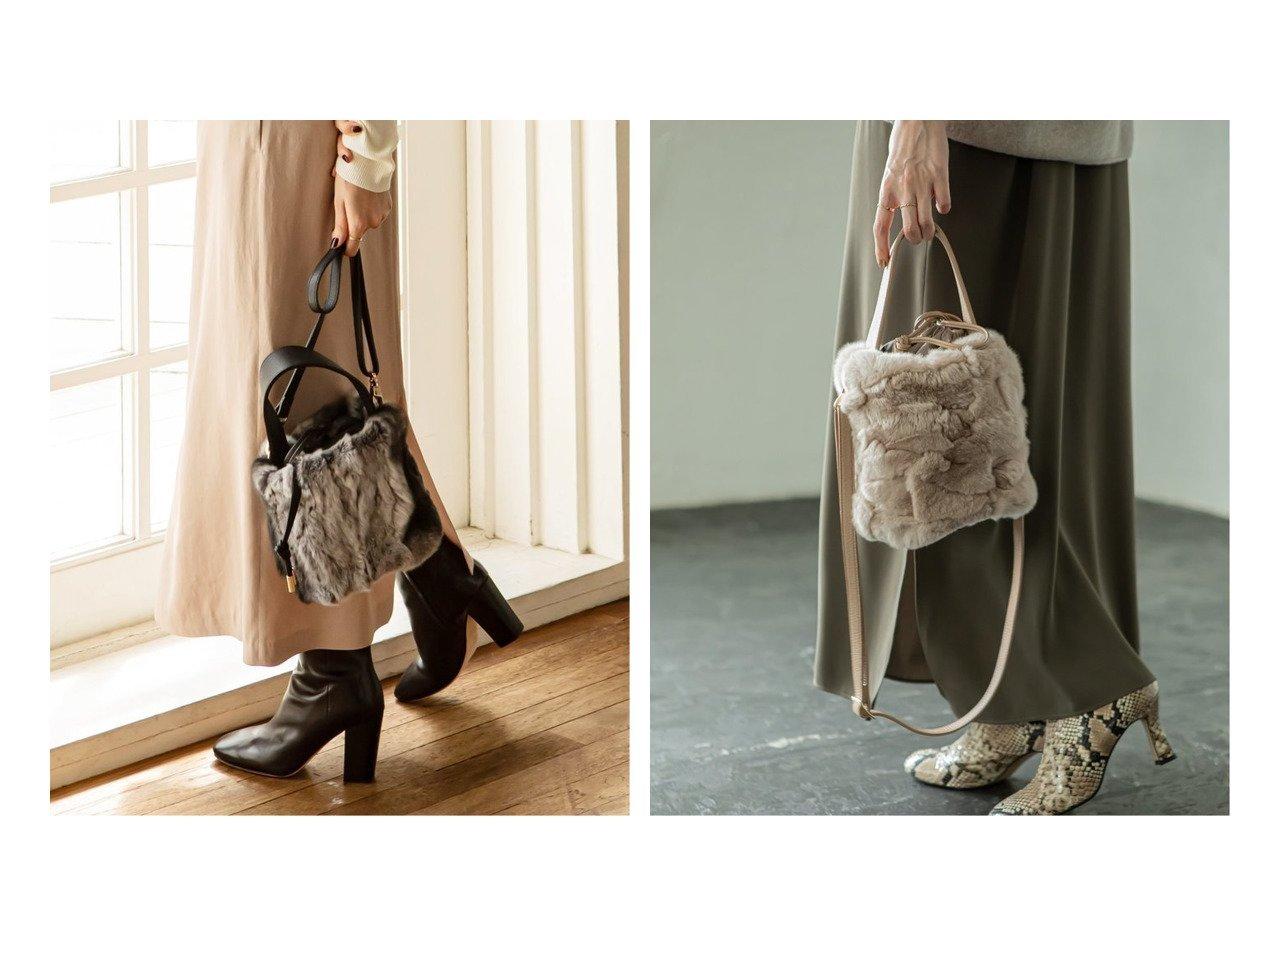 【Spick & Span Noble/スピック&スパン ノーブル】の【VIOLA d ORO】 ワンハンドルファーバッグ バッグのおすすめ!人気、レディースファッションの通販 おすすめで人気のファッション通販商品 インテリア・家具・キッズファッション・メンズファッション・レディースファッション・服の通販 founy(ファニー) https://founy.com/ ファッション Fashion レディース WOMEN バッグ Bag ショルダー 別注 リアル 秋冬 A/W Autumn/ Winter |ID:crp329100000003058